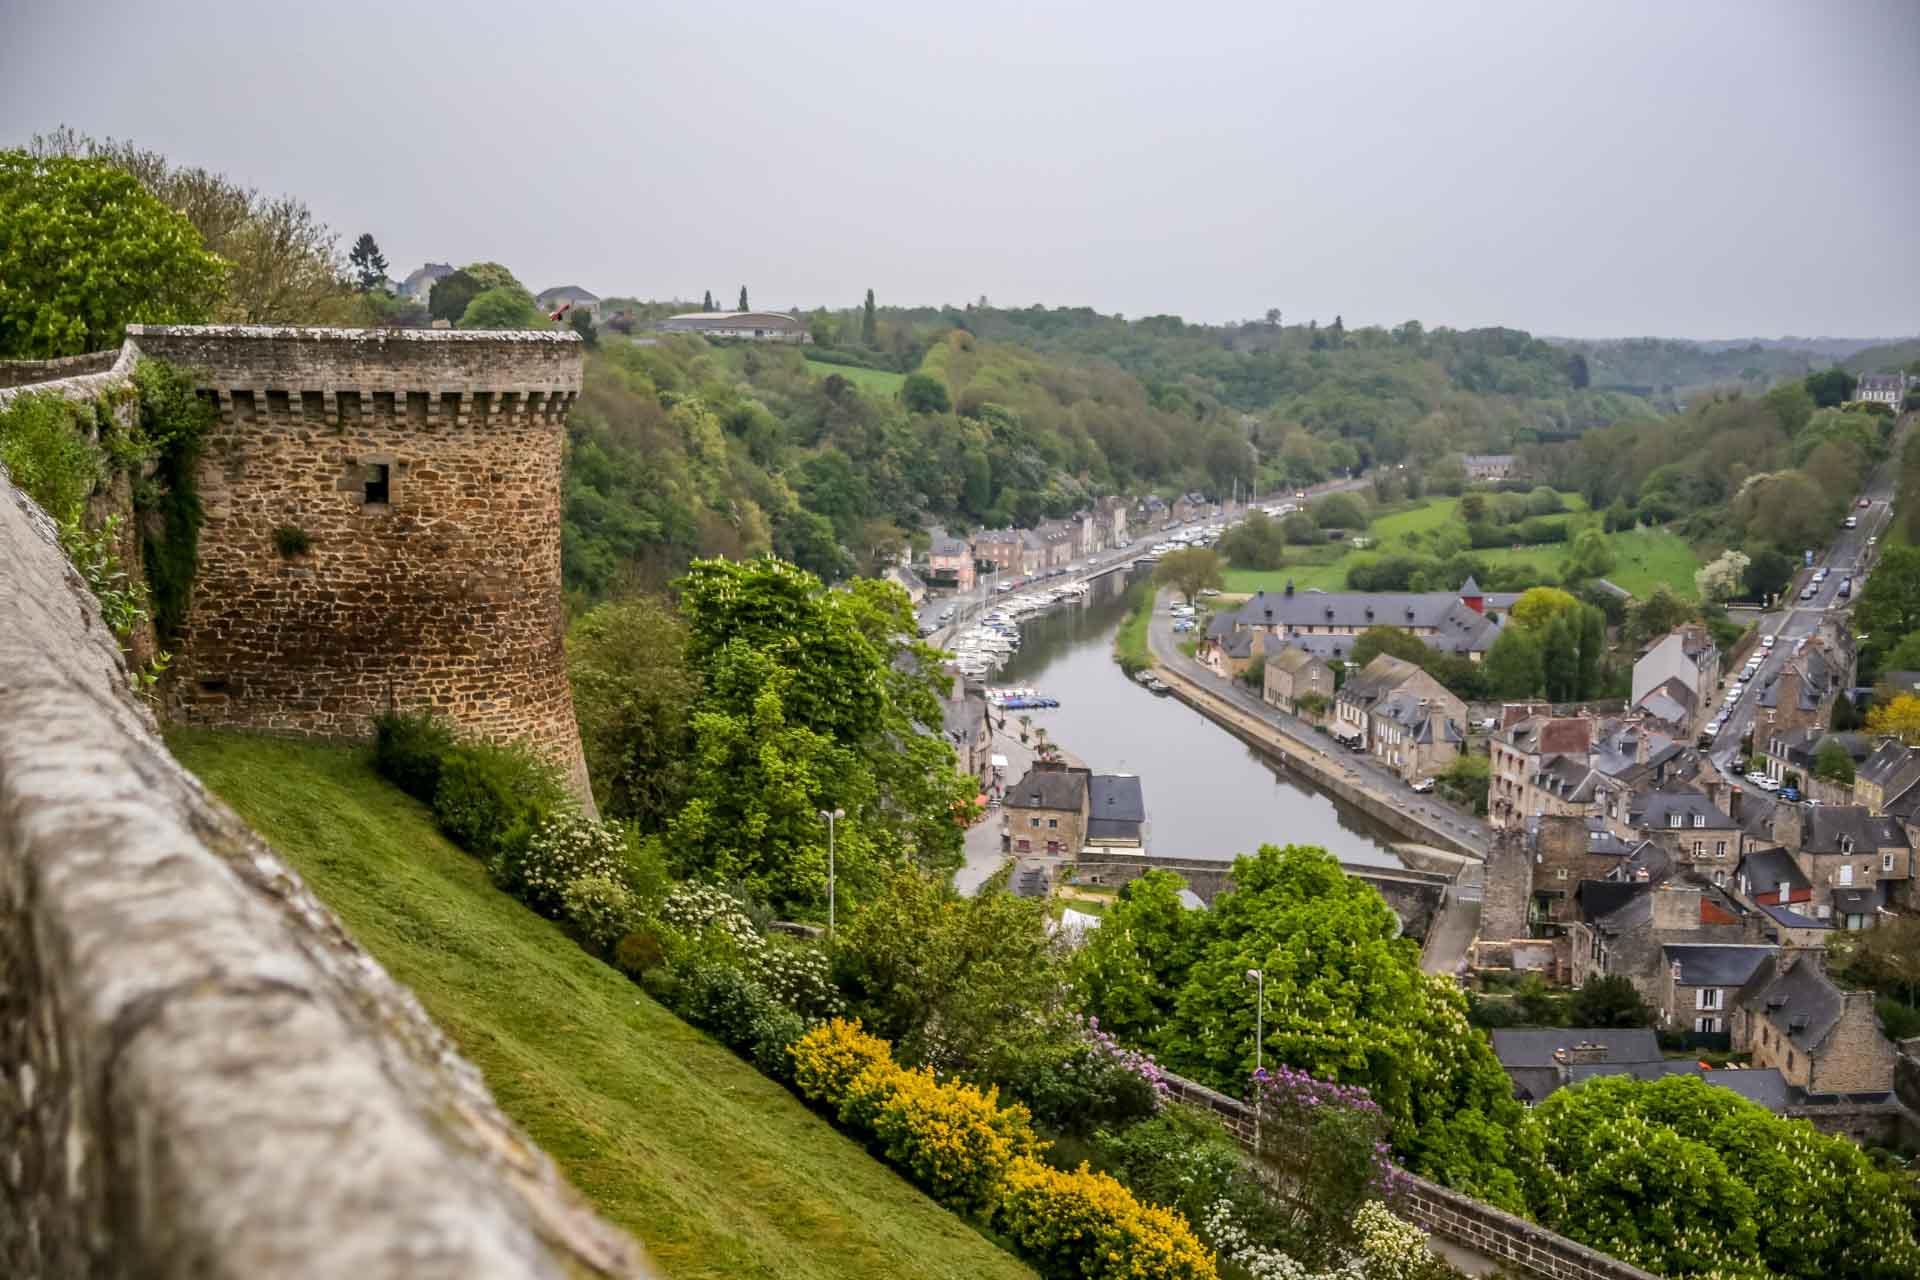 Vue des remparts sur la Rance